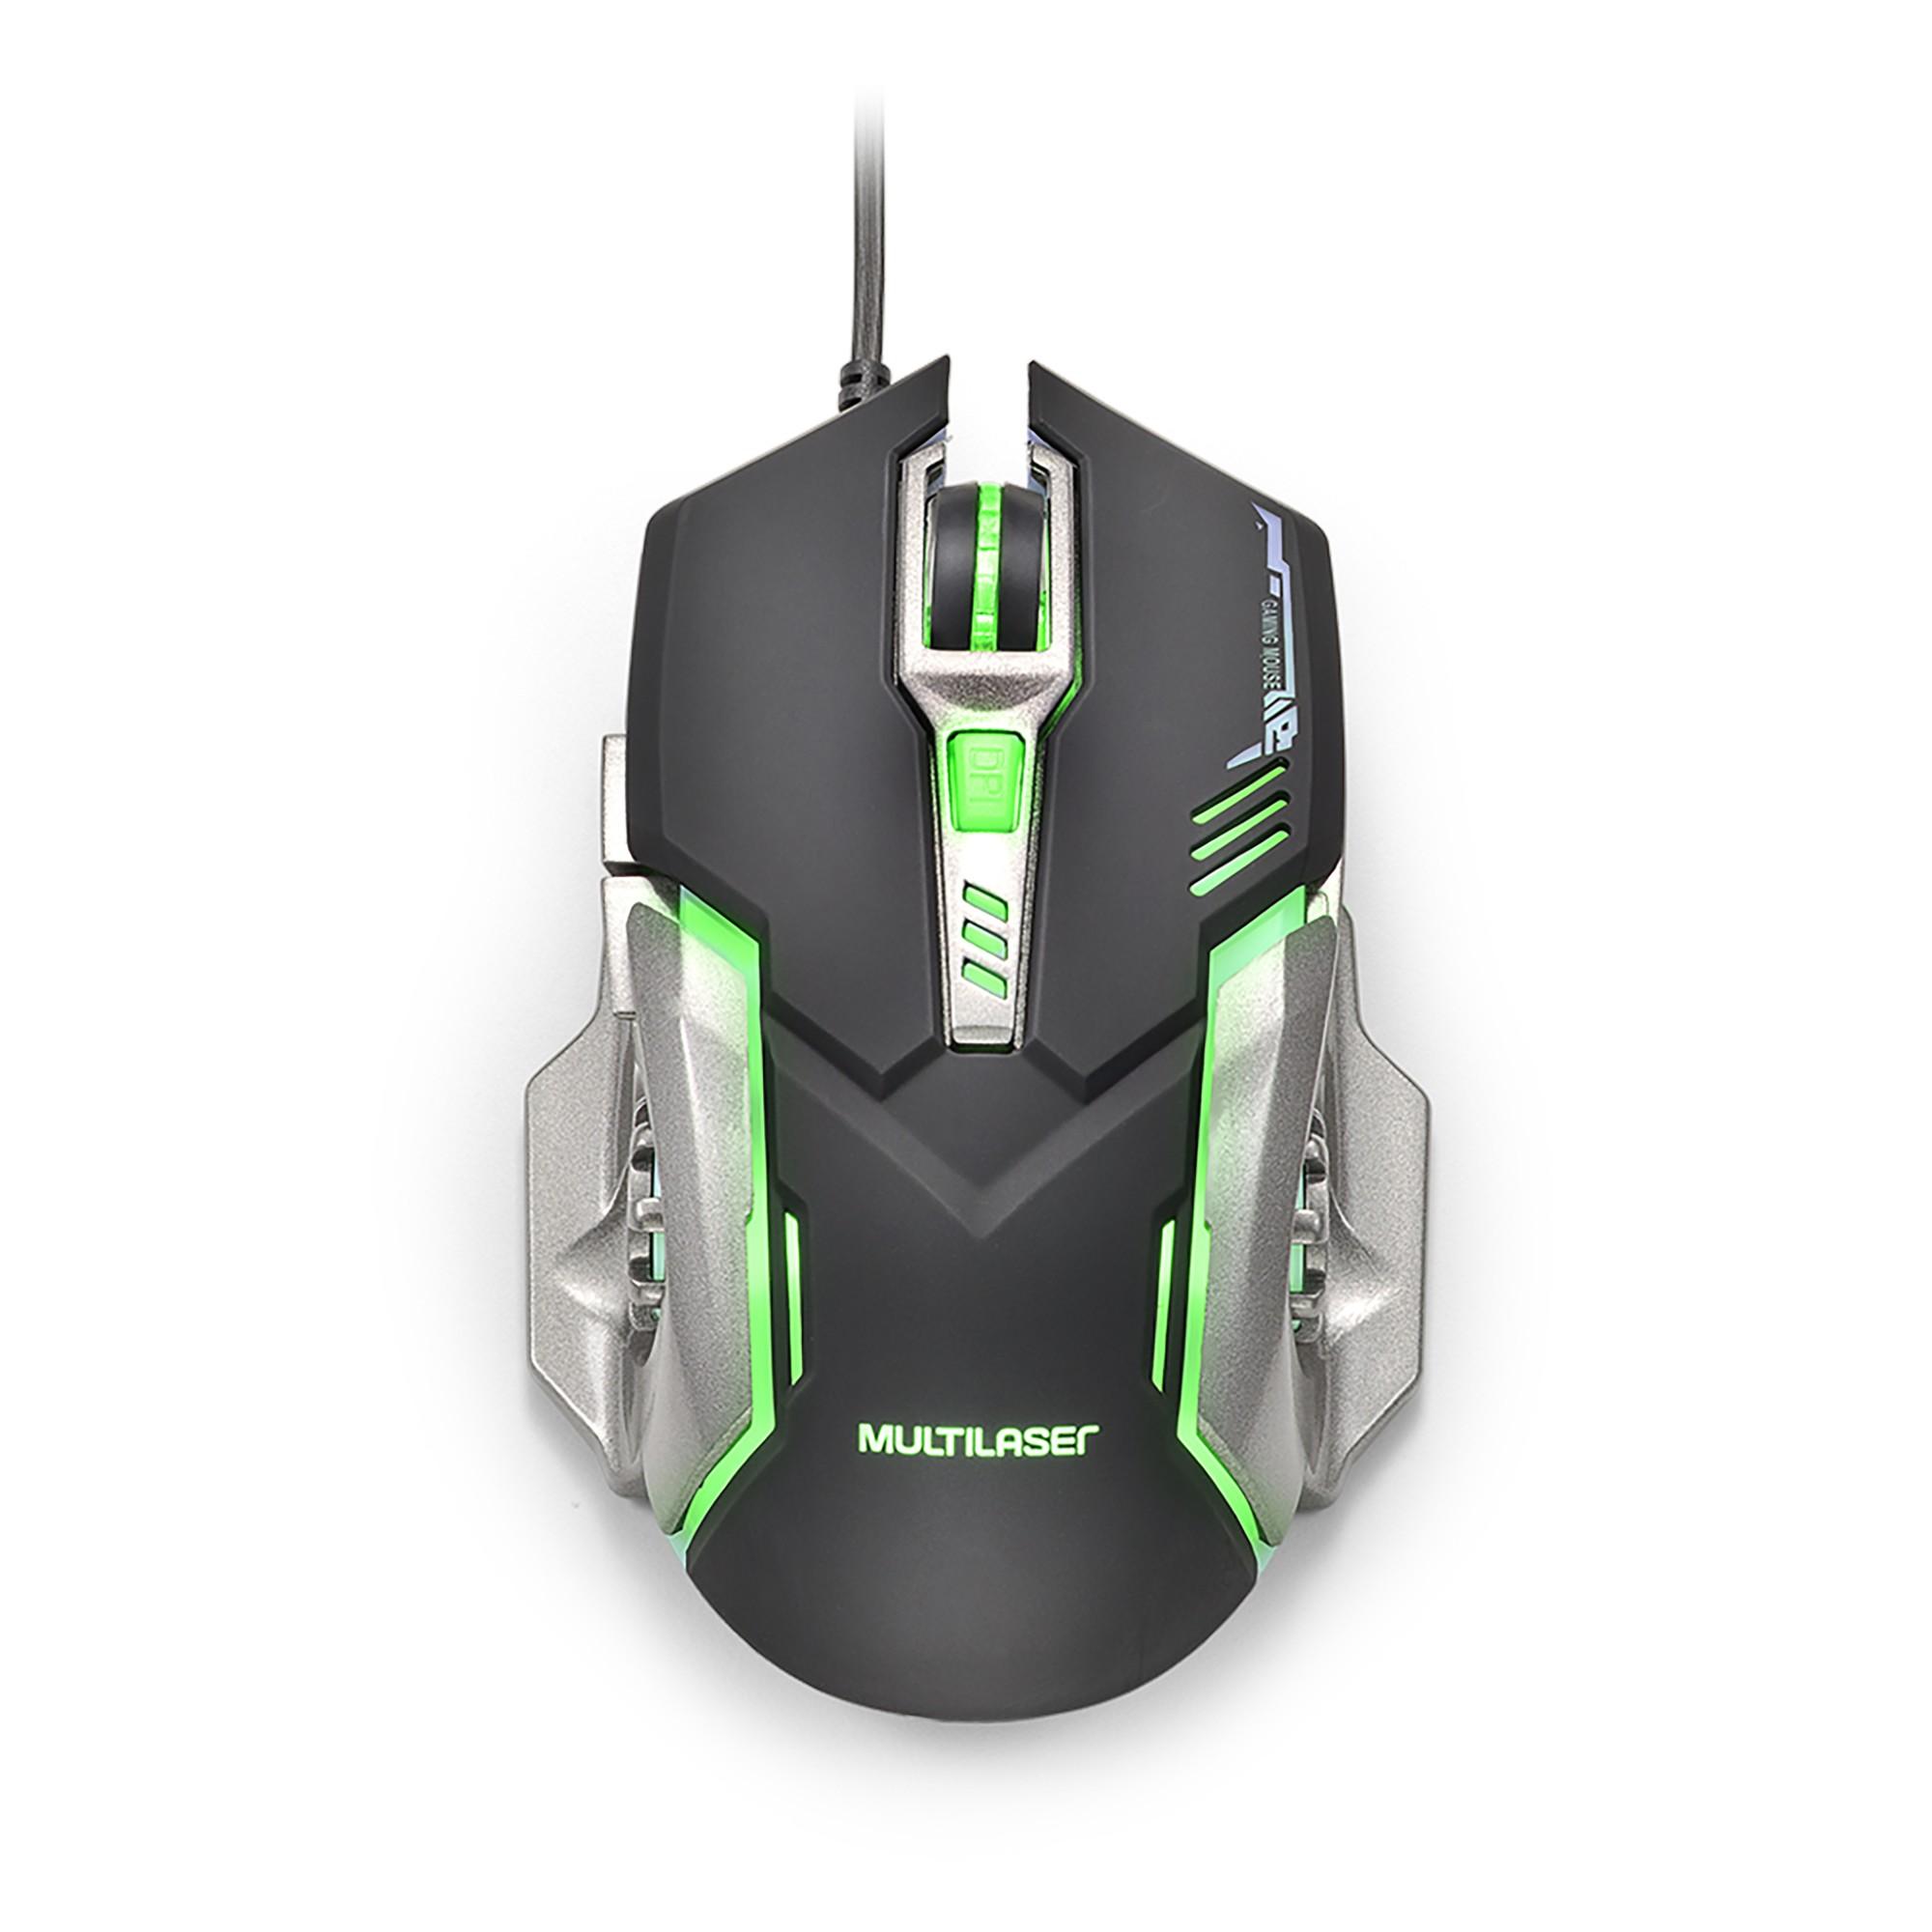 Mouse Optico USB Game Fire Botton MO269 Verde - Multilaser